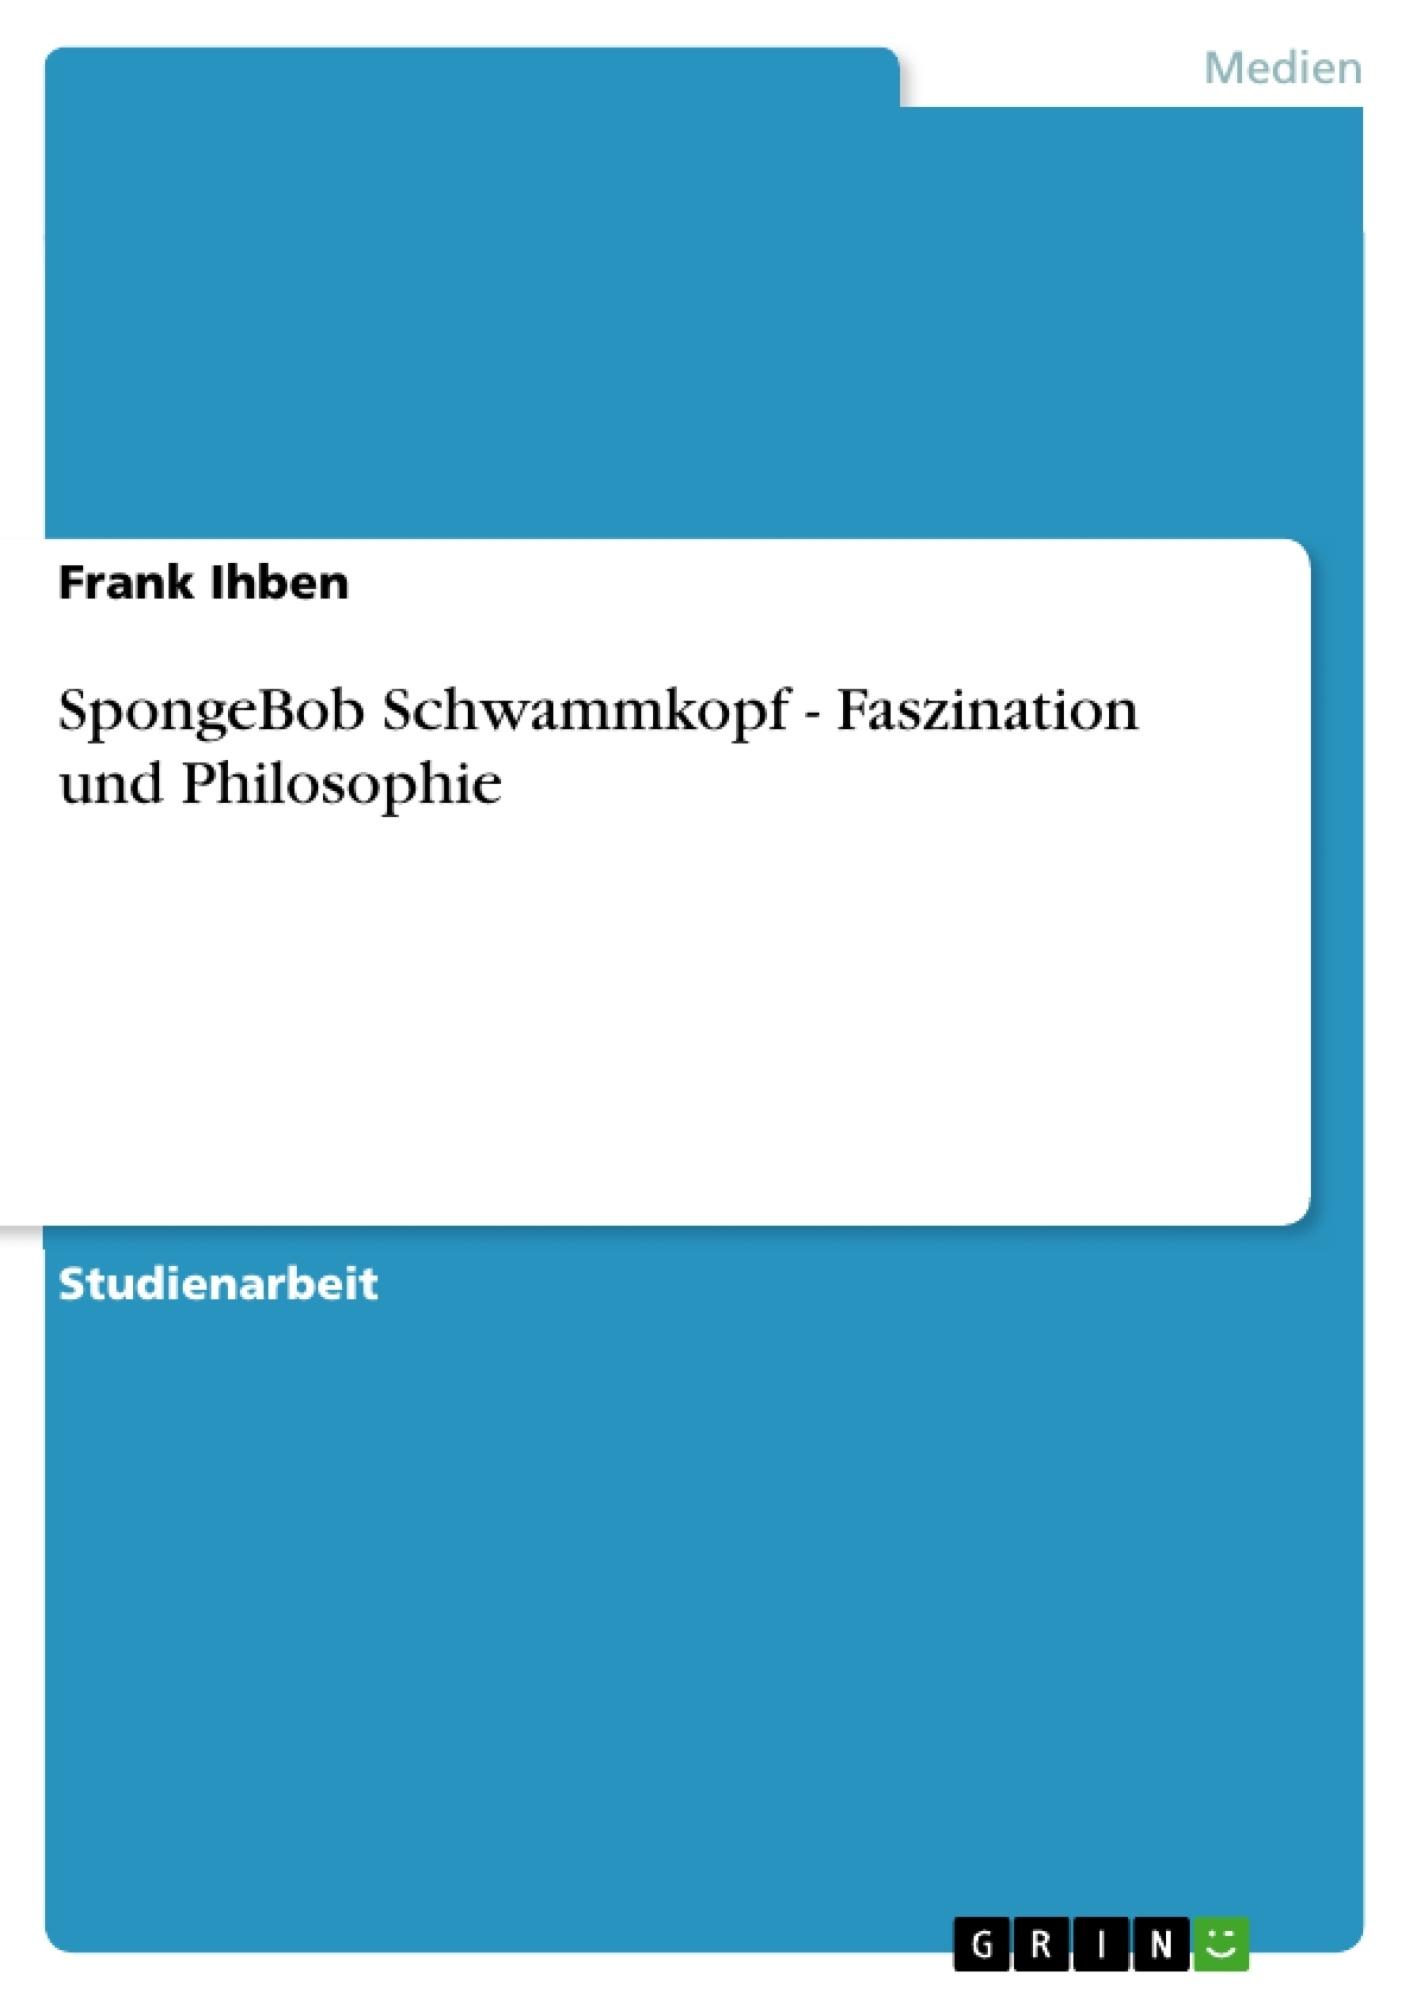 Titel: SpongeBob Schwammkopf - Faszination und Philosophie